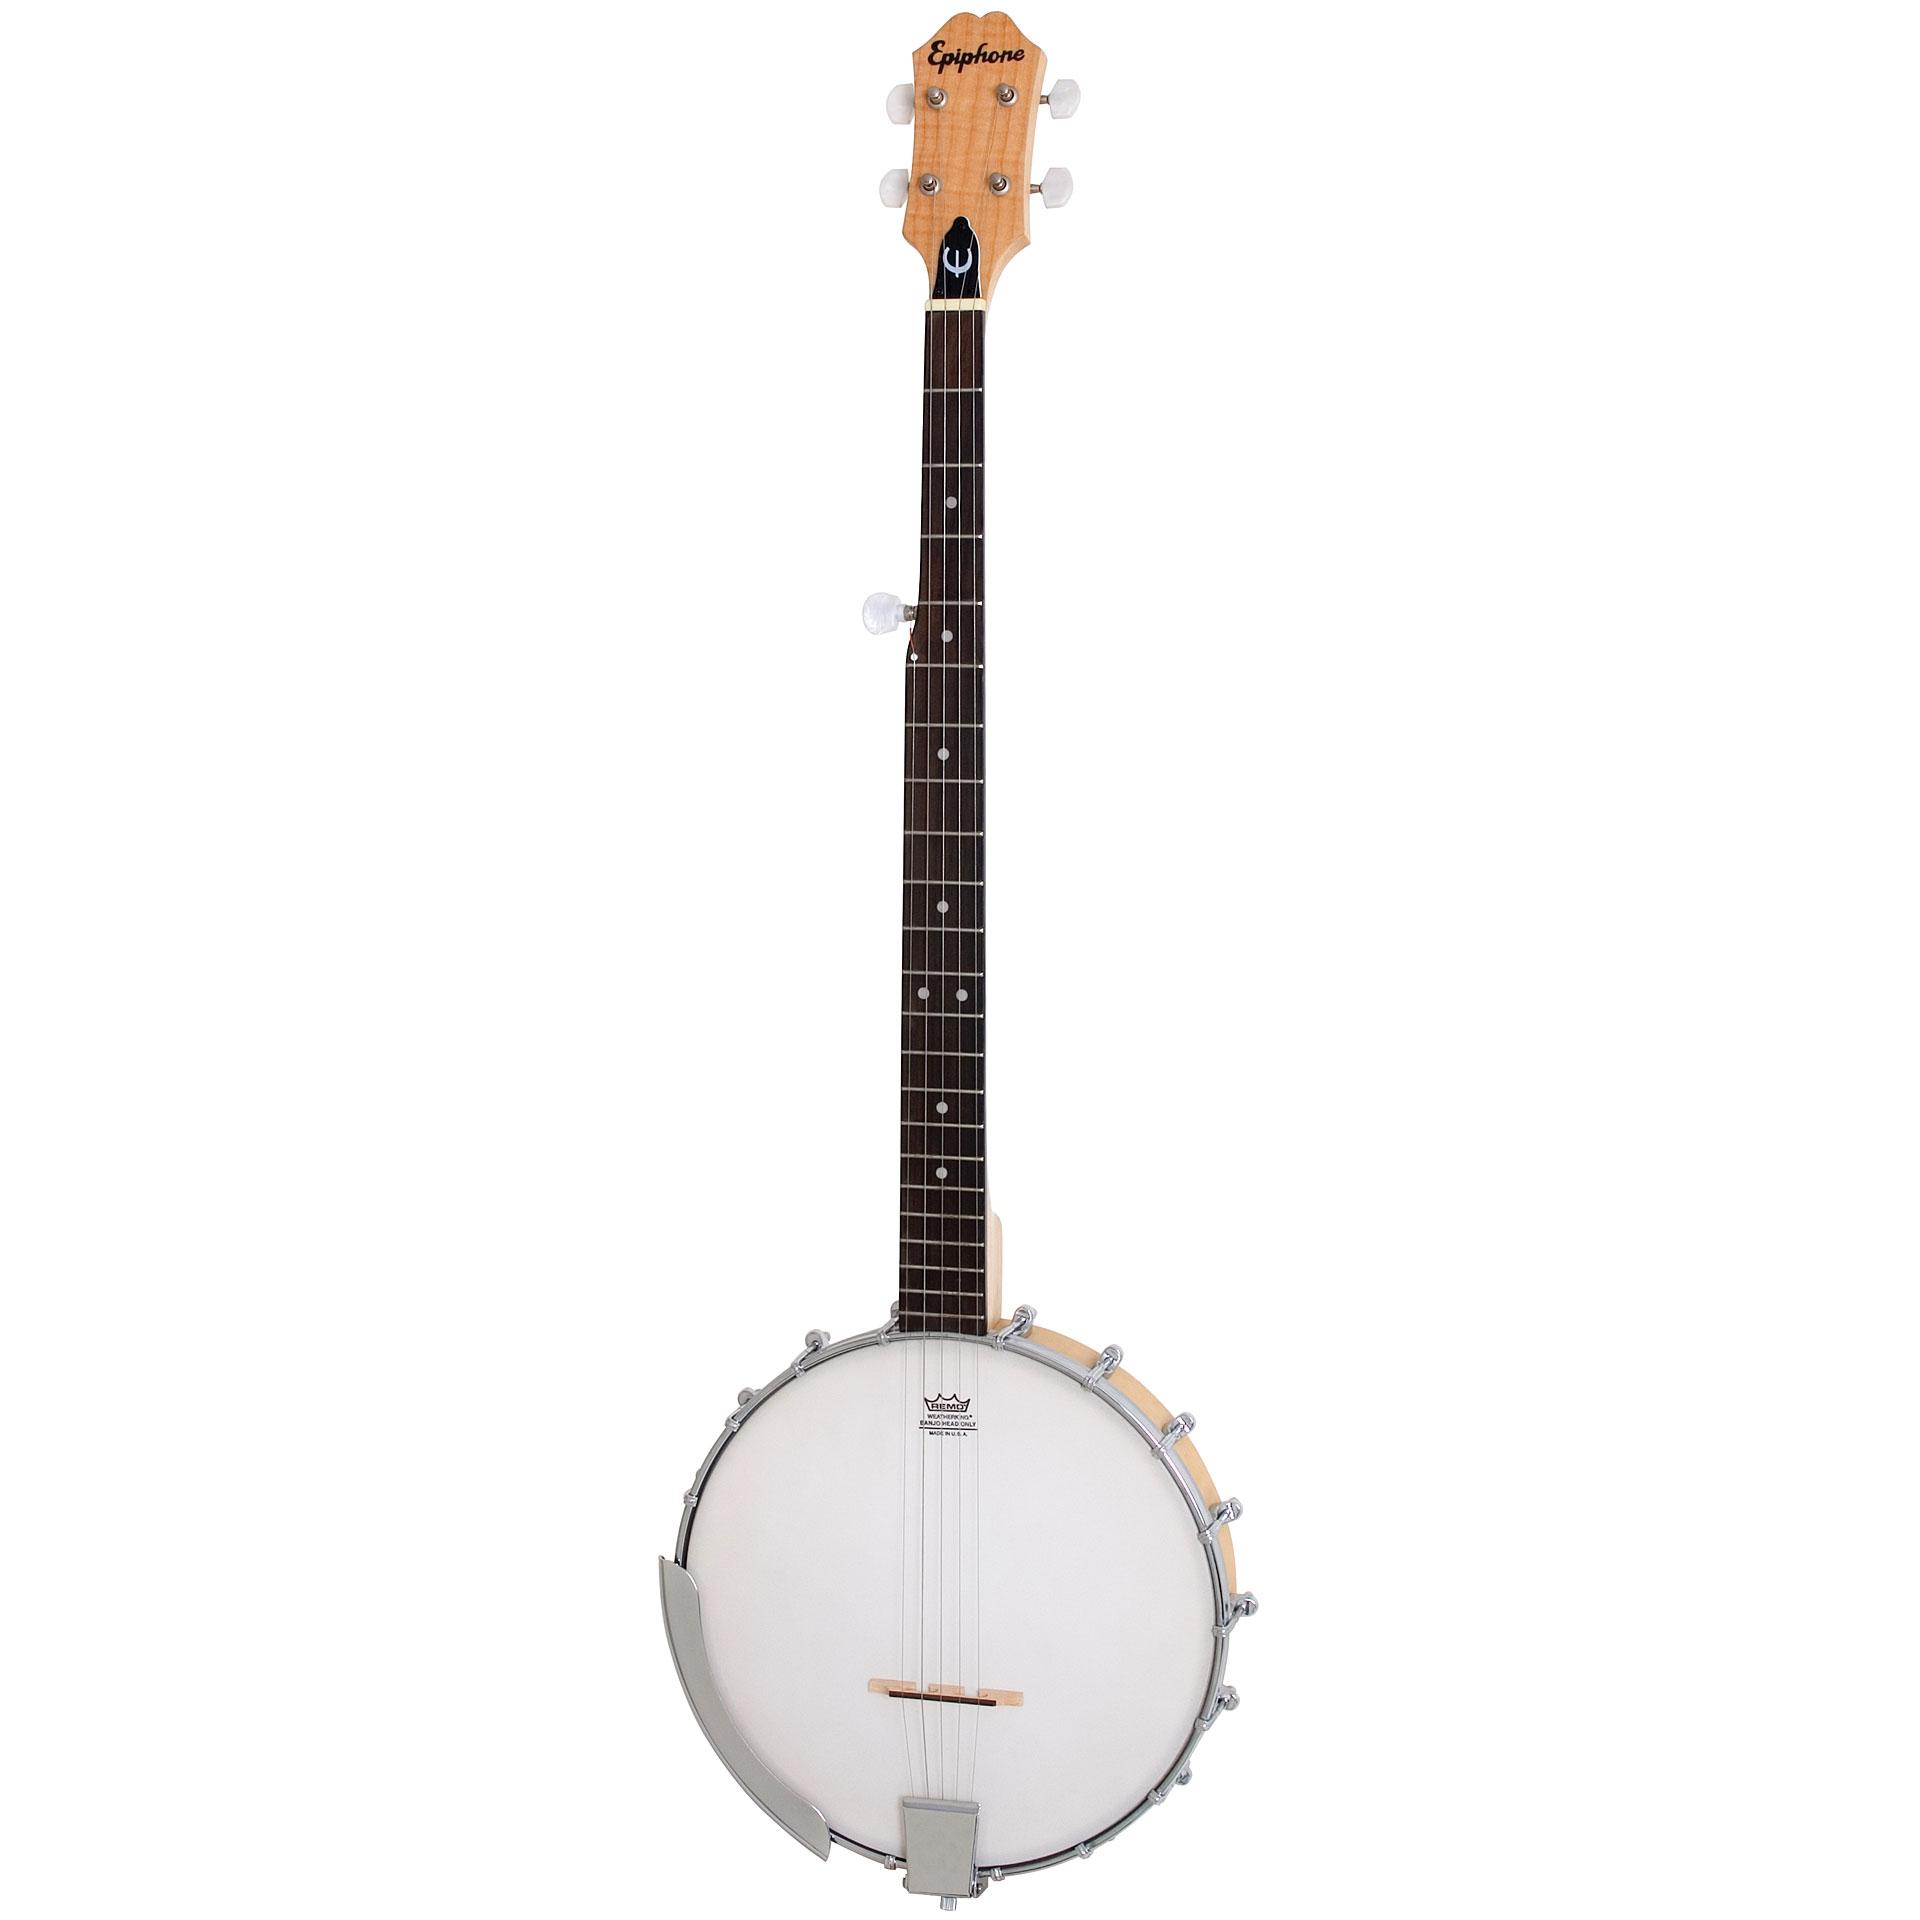 Epiphone Mb Banjo Natural Review